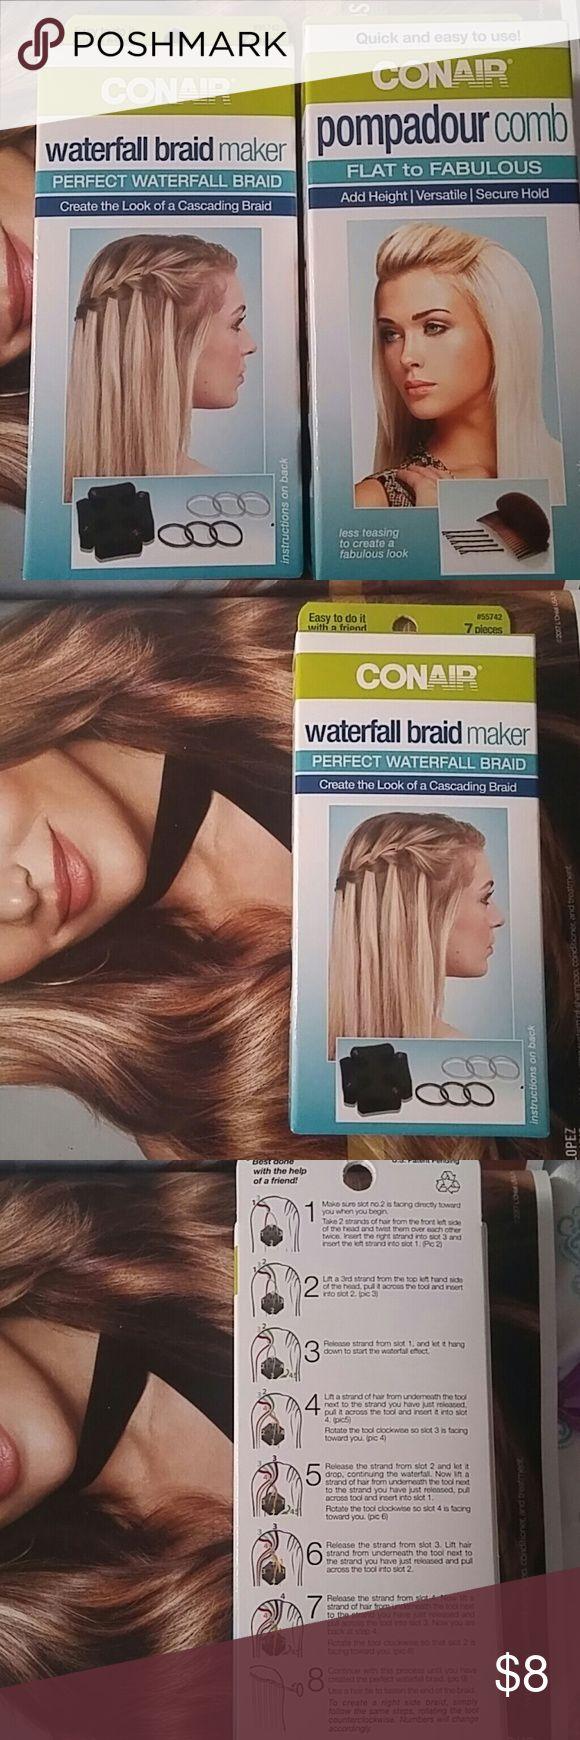 NIB Conair Waterfall Braid & Pompadour Hair Tools NIB Conair Waterfall Braid Maker NIB Conair Pompadour Comb Hair Tools Conair Accessories Hair Accessories